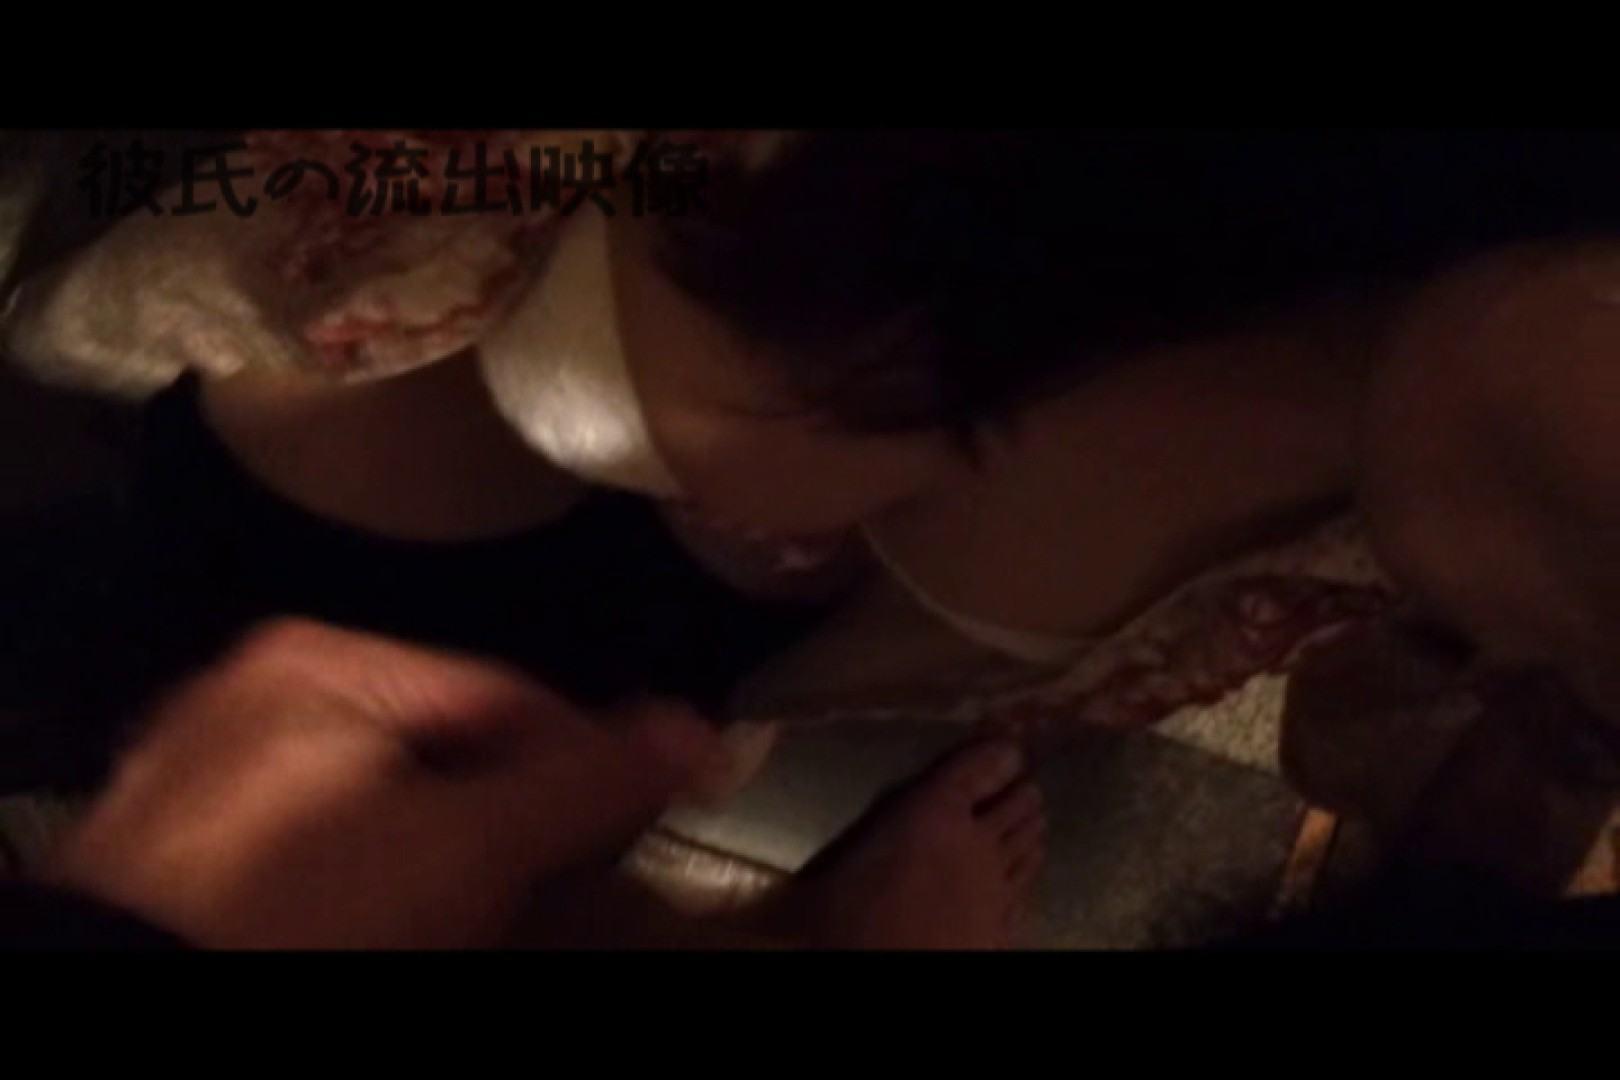 彼氏が流出 パイパン素人嬢のハメ撮り映像03 パイパン | カップル  49PIX 25